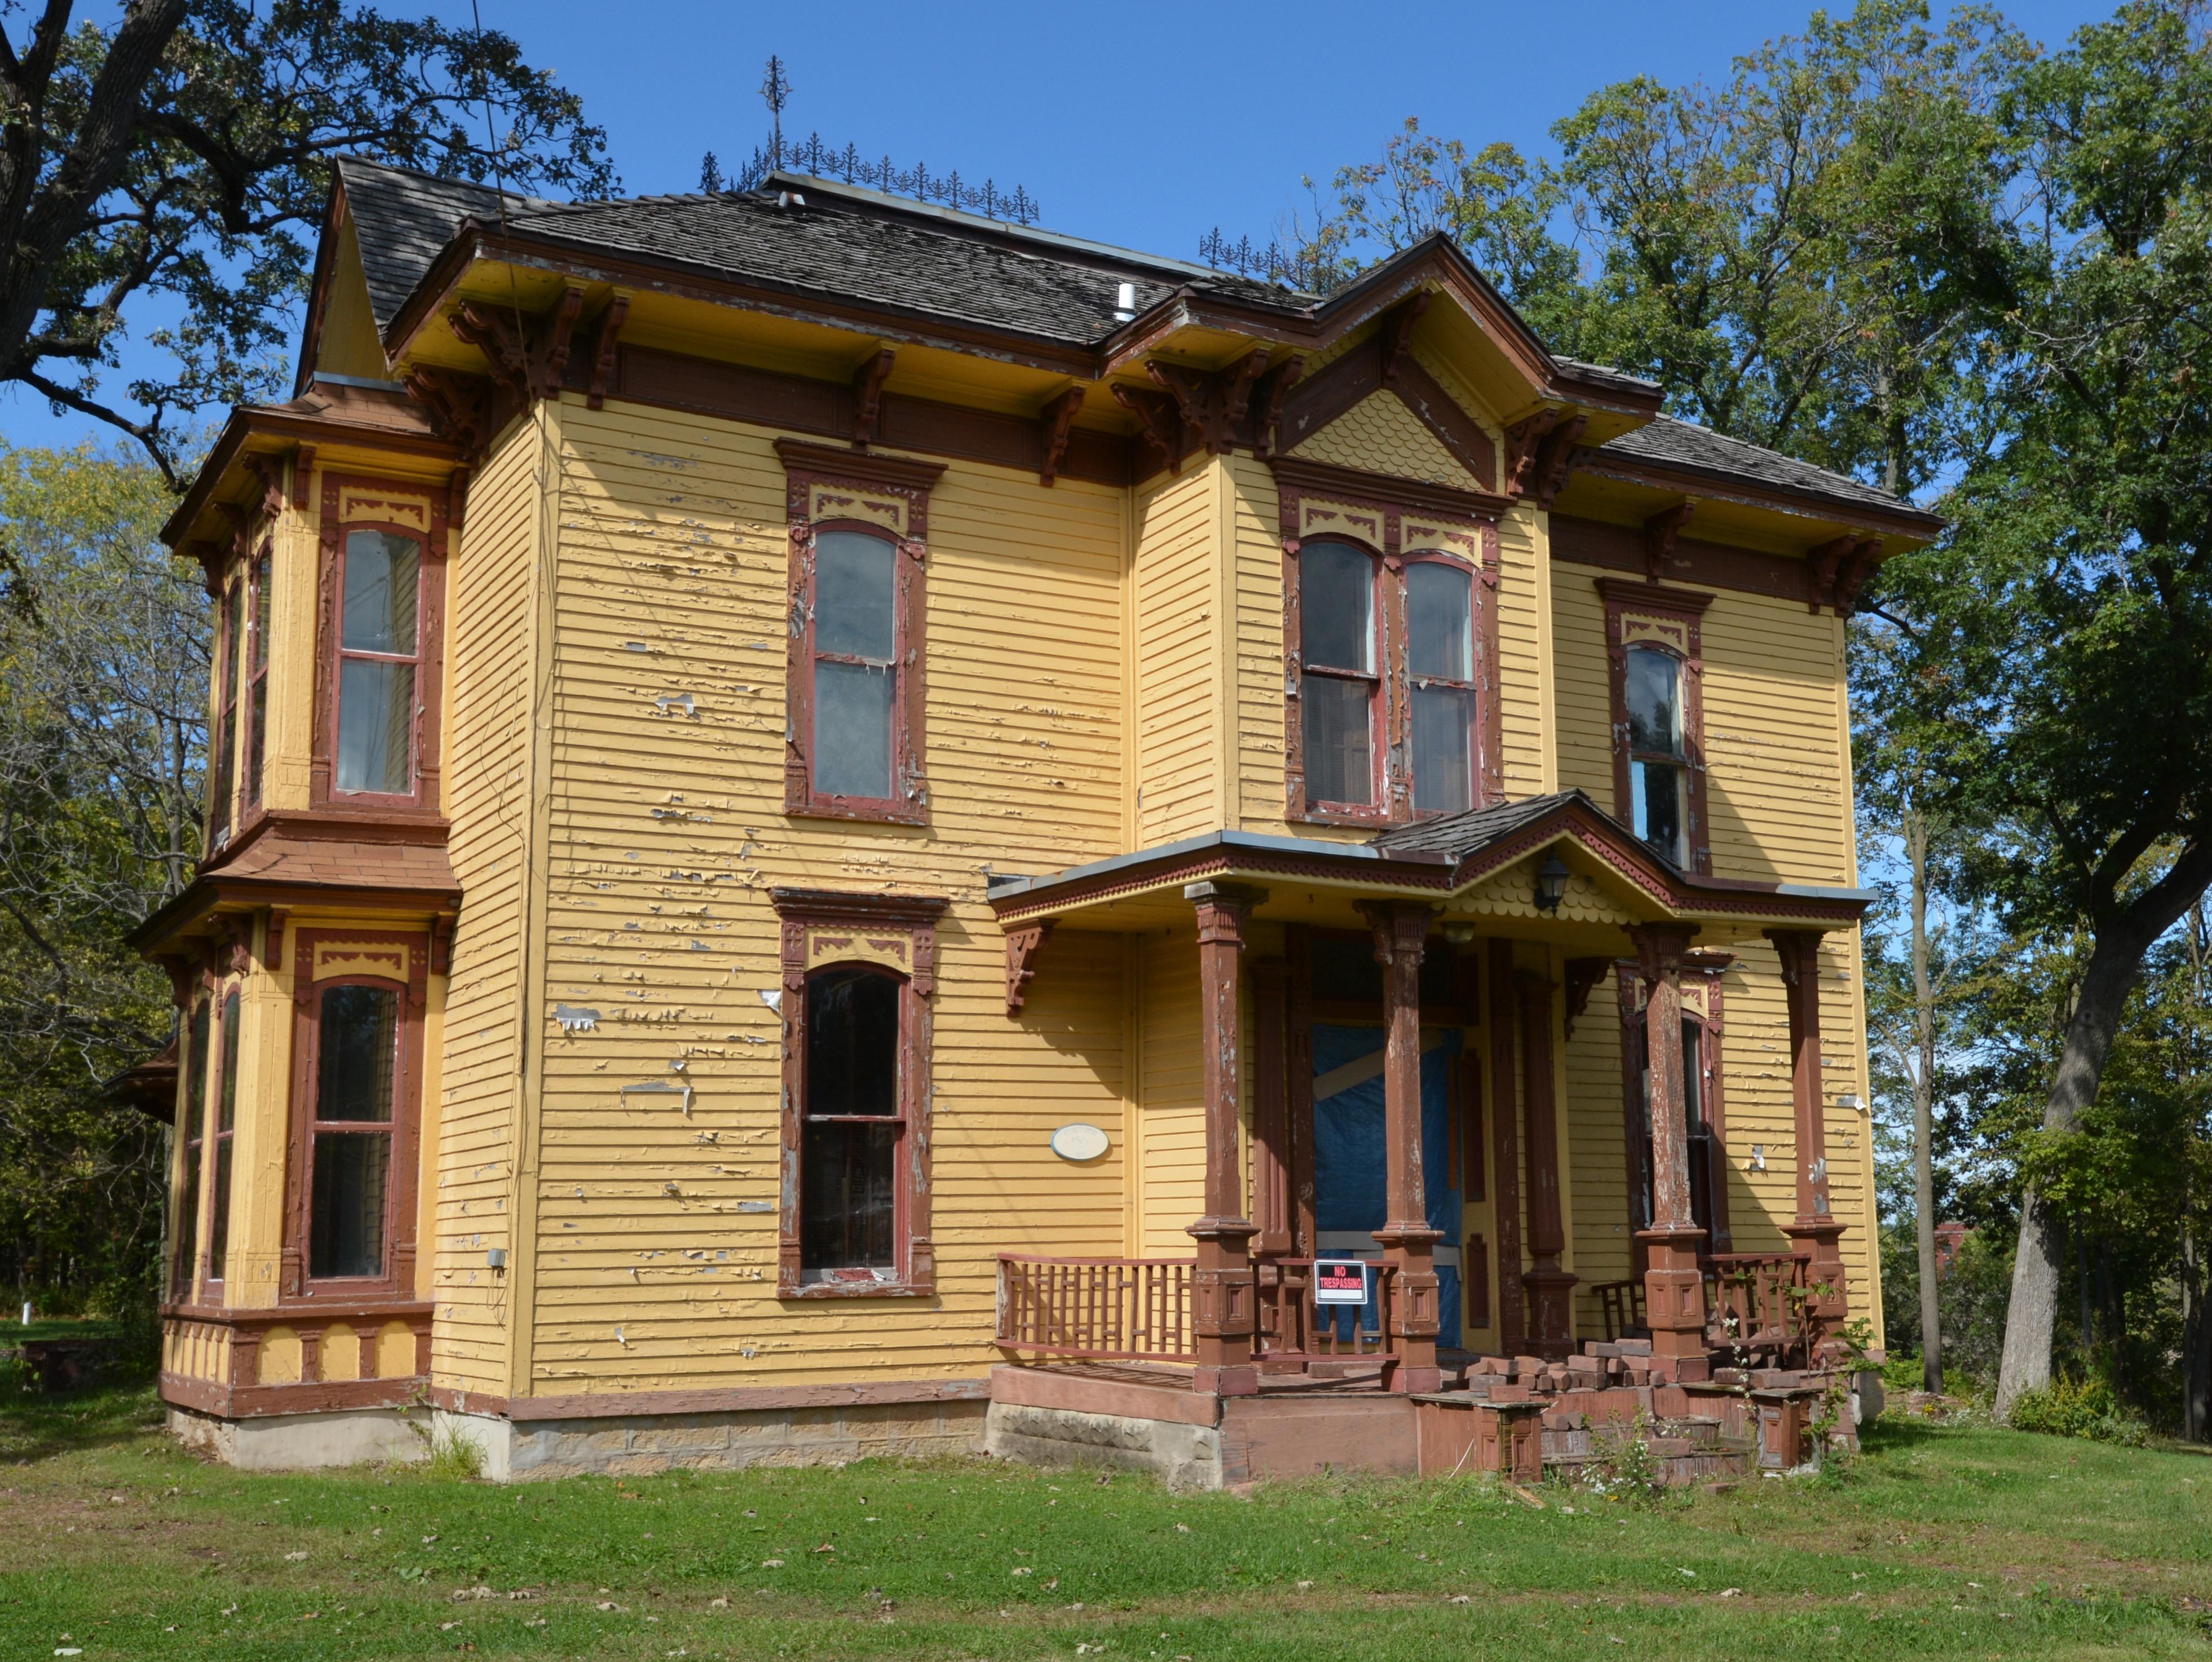 Rockton Illinois Wikipedia